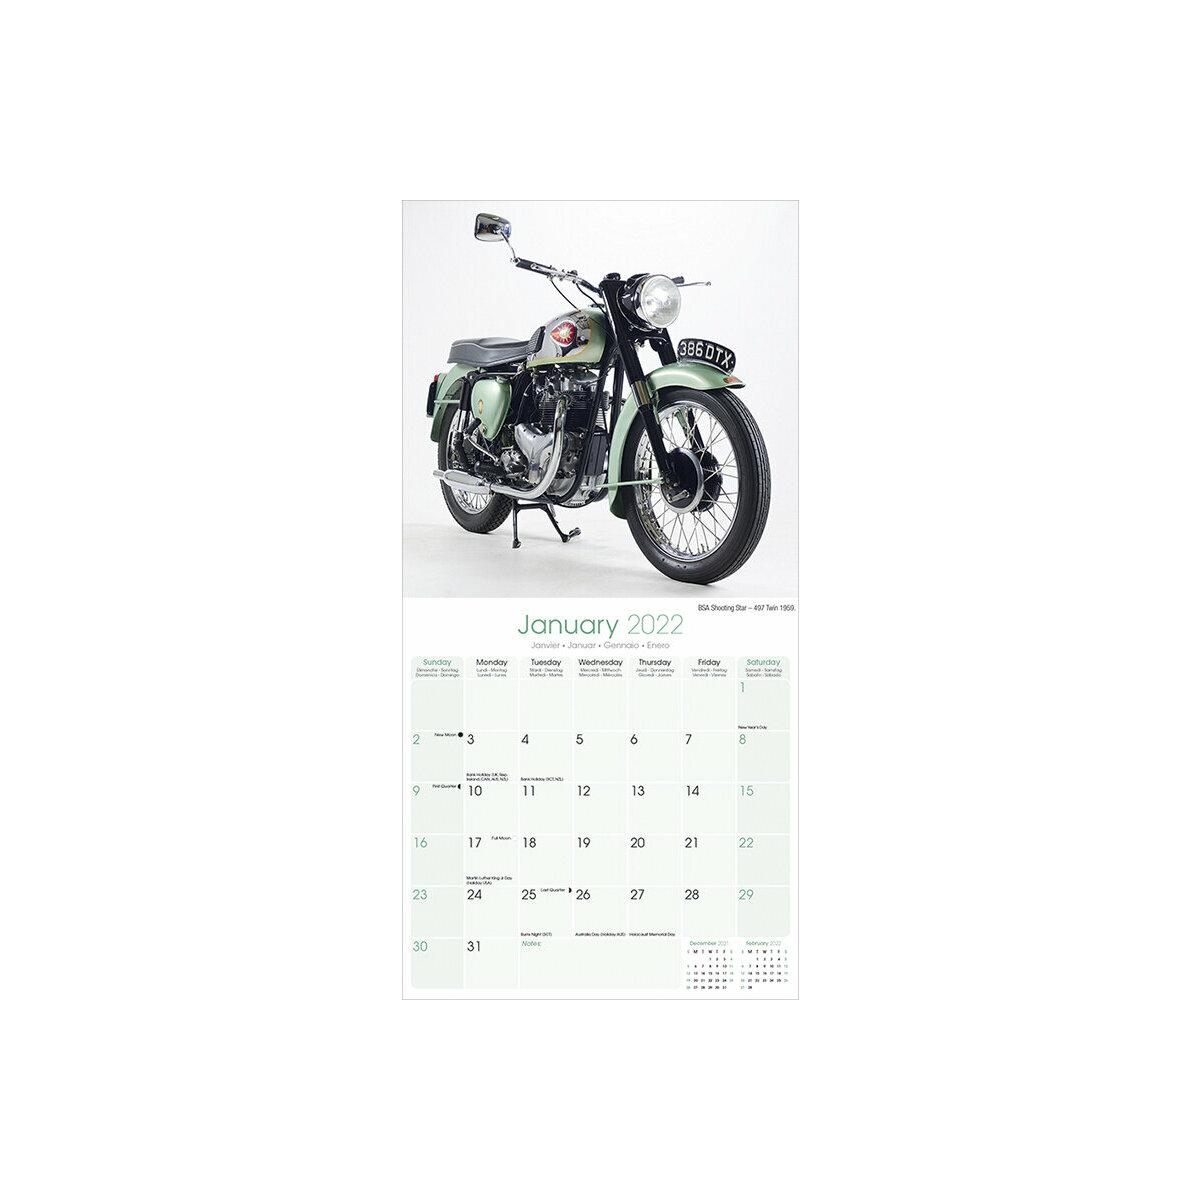 Calendrier 2022 Moto Calendrier 2022 Motos anglaises